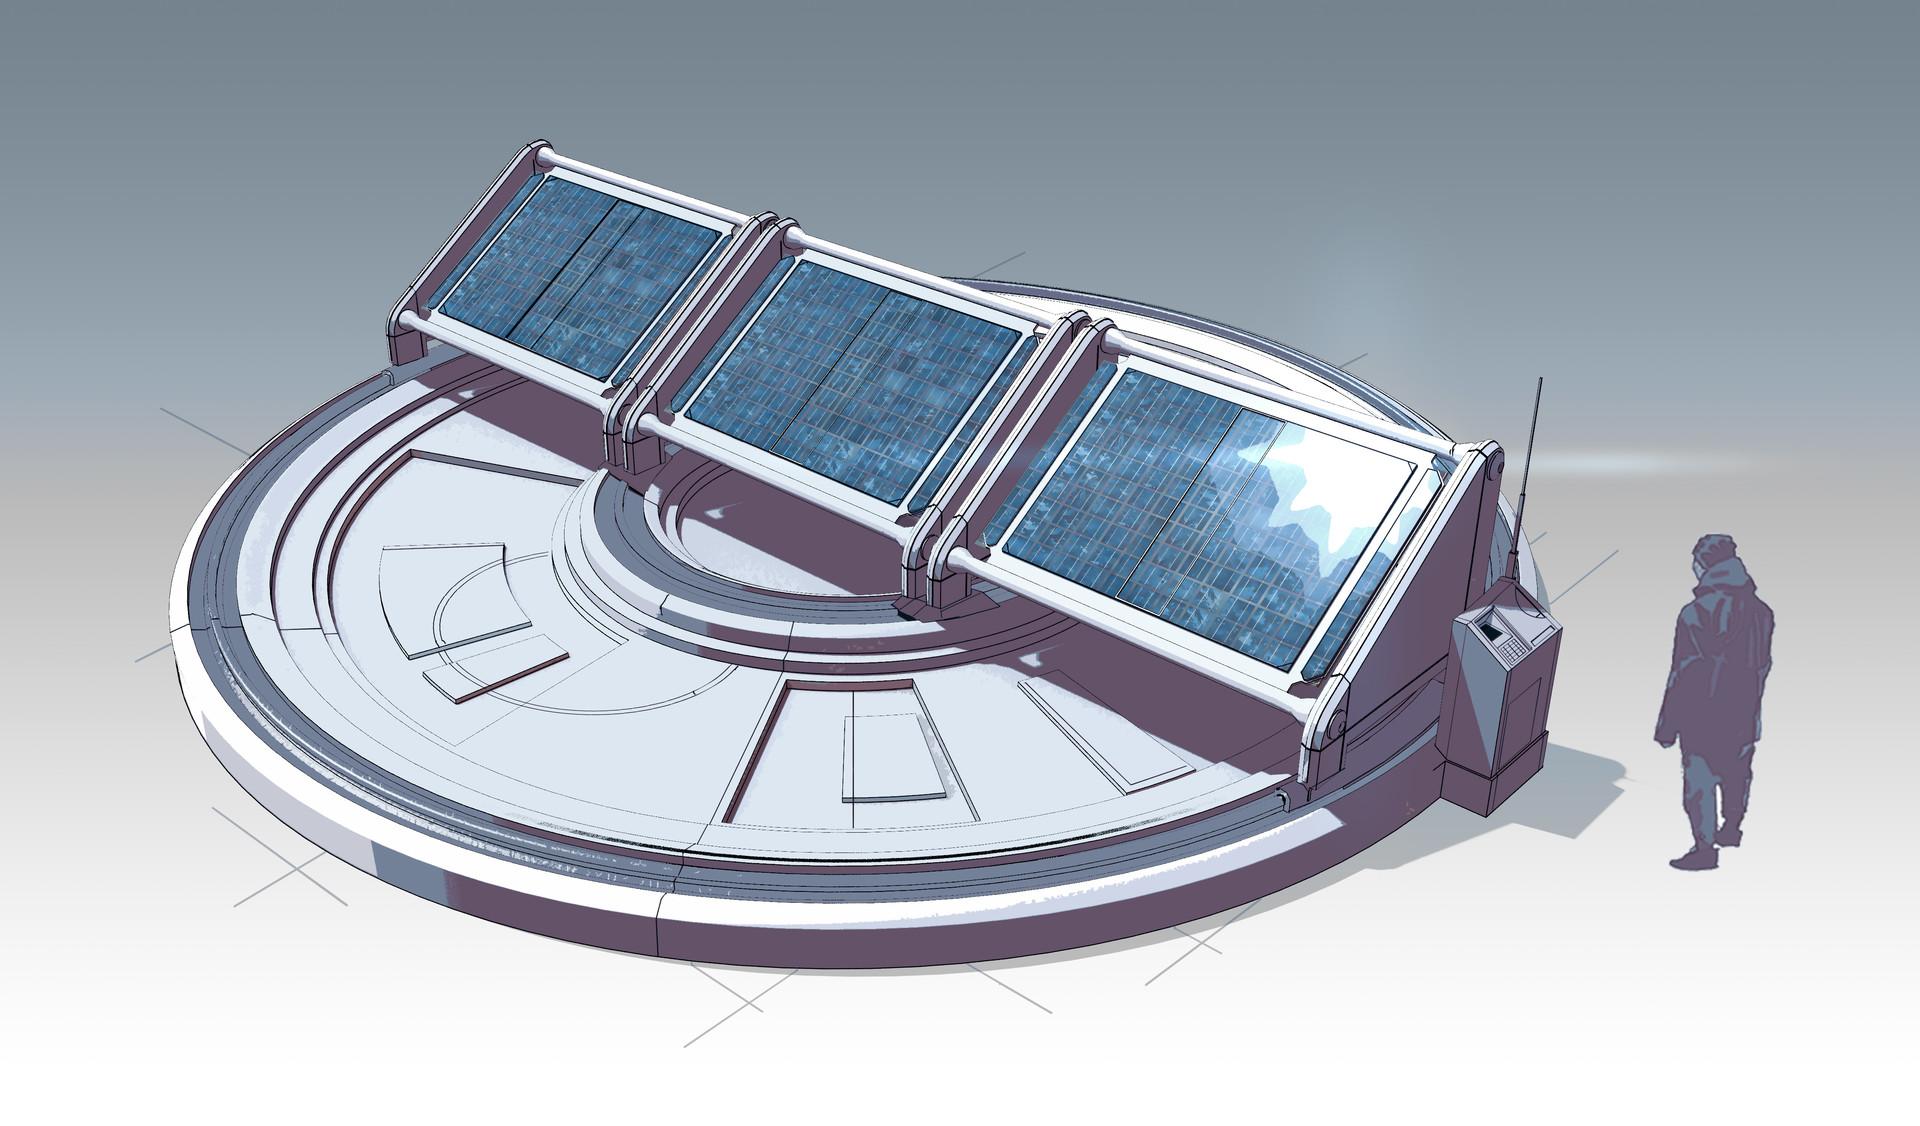 Jeremy paillotin greebles concept v016